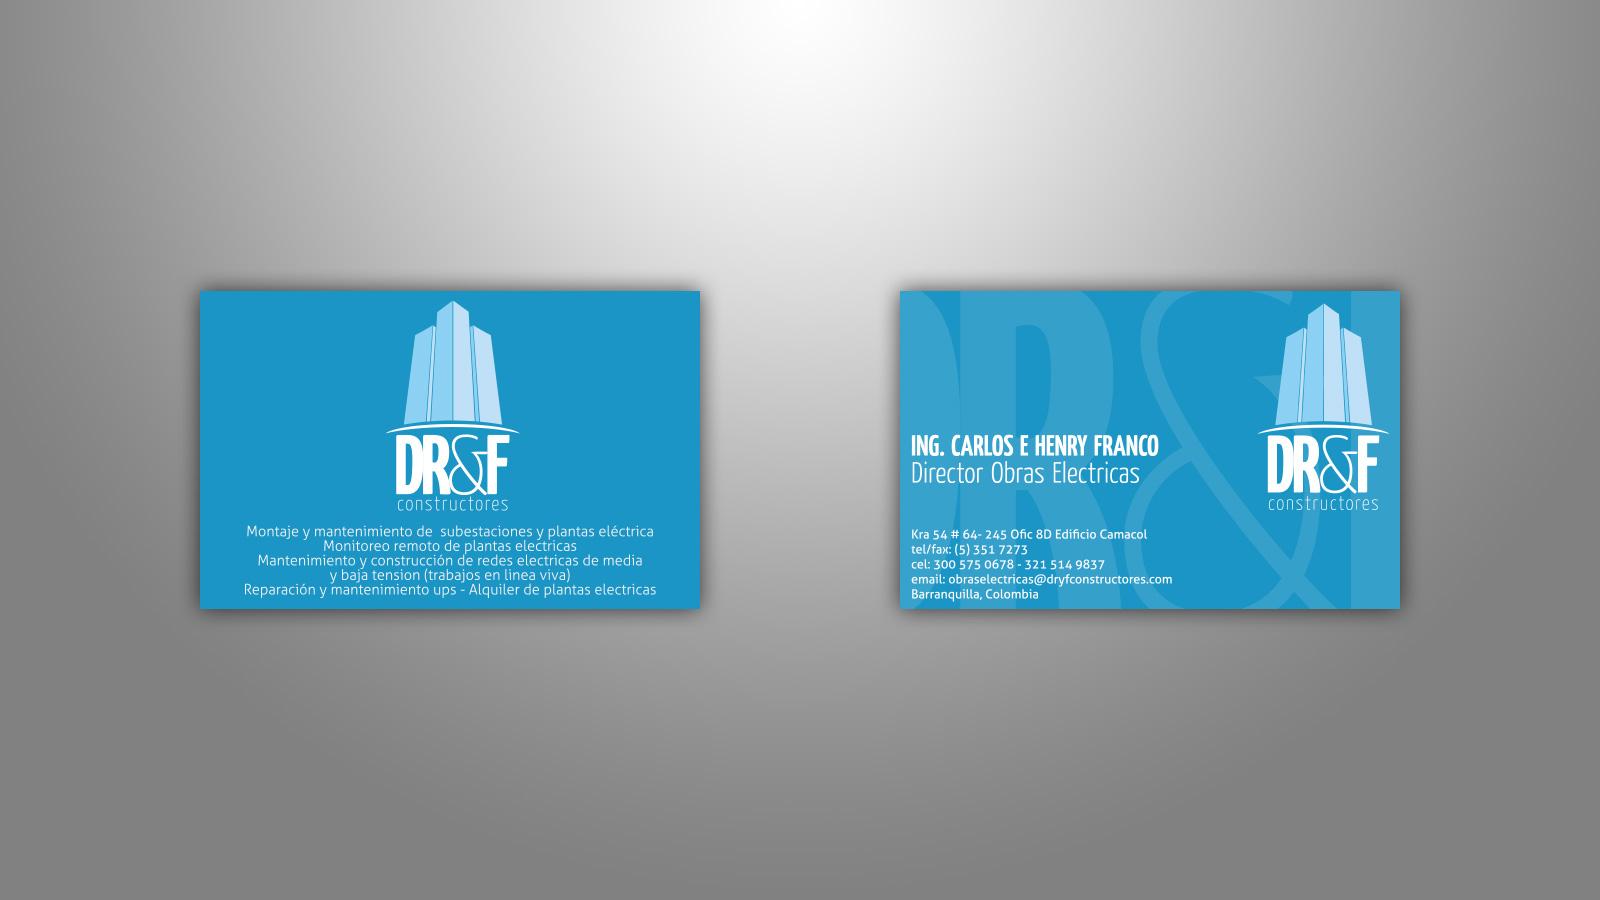 sublime-digital_dryf-identity-06